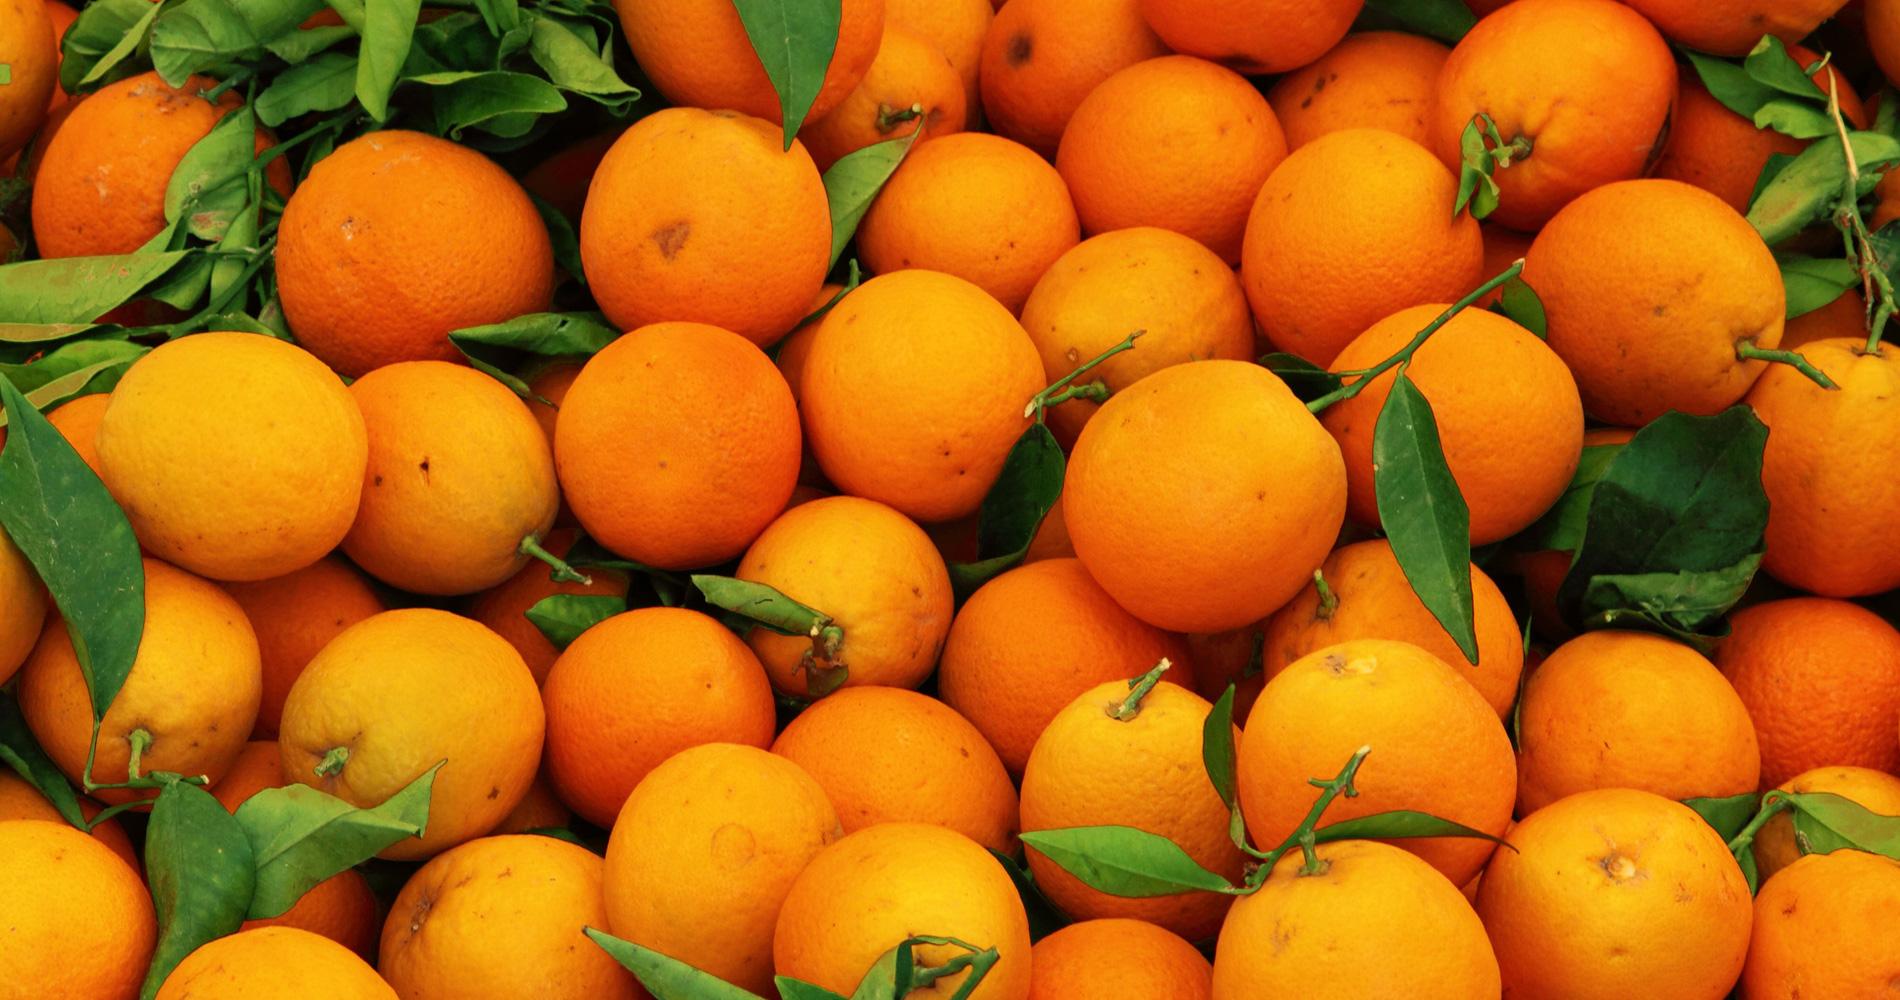 Black Ops 2 Wallpaper Orange S Explique Sur Les Lenteurs De Youtube Constat 233 Es